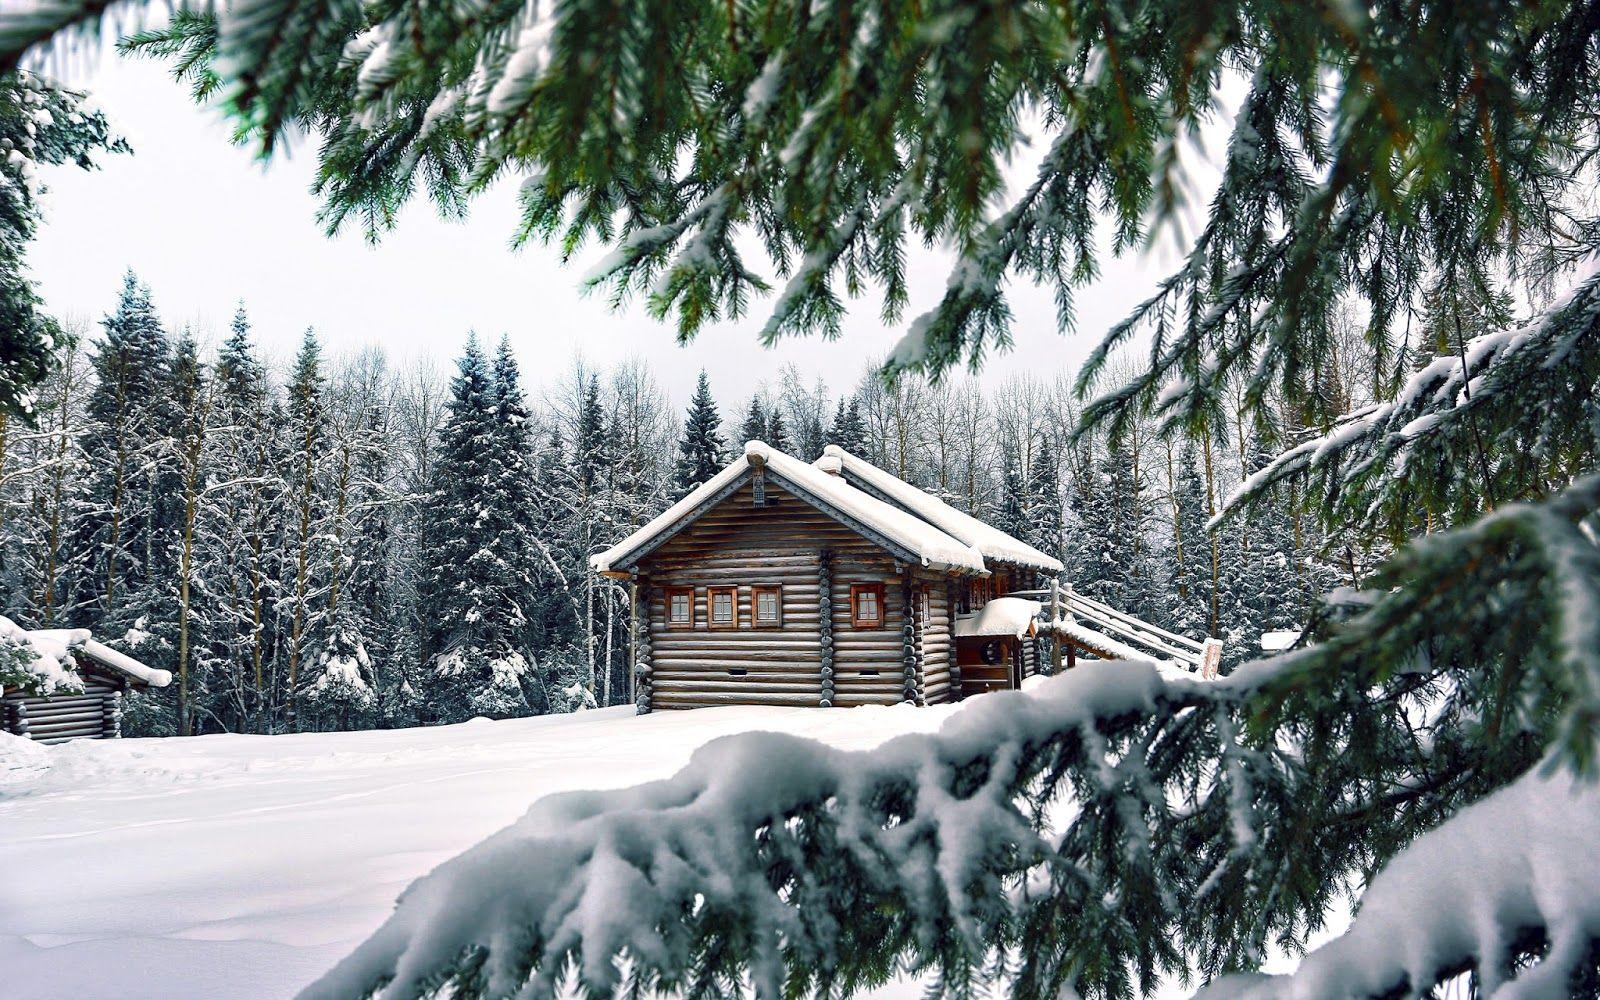 Invierno paisajes pinterest invierno fotograf a de invierno y caba as r sticas - Cabana invierno ...